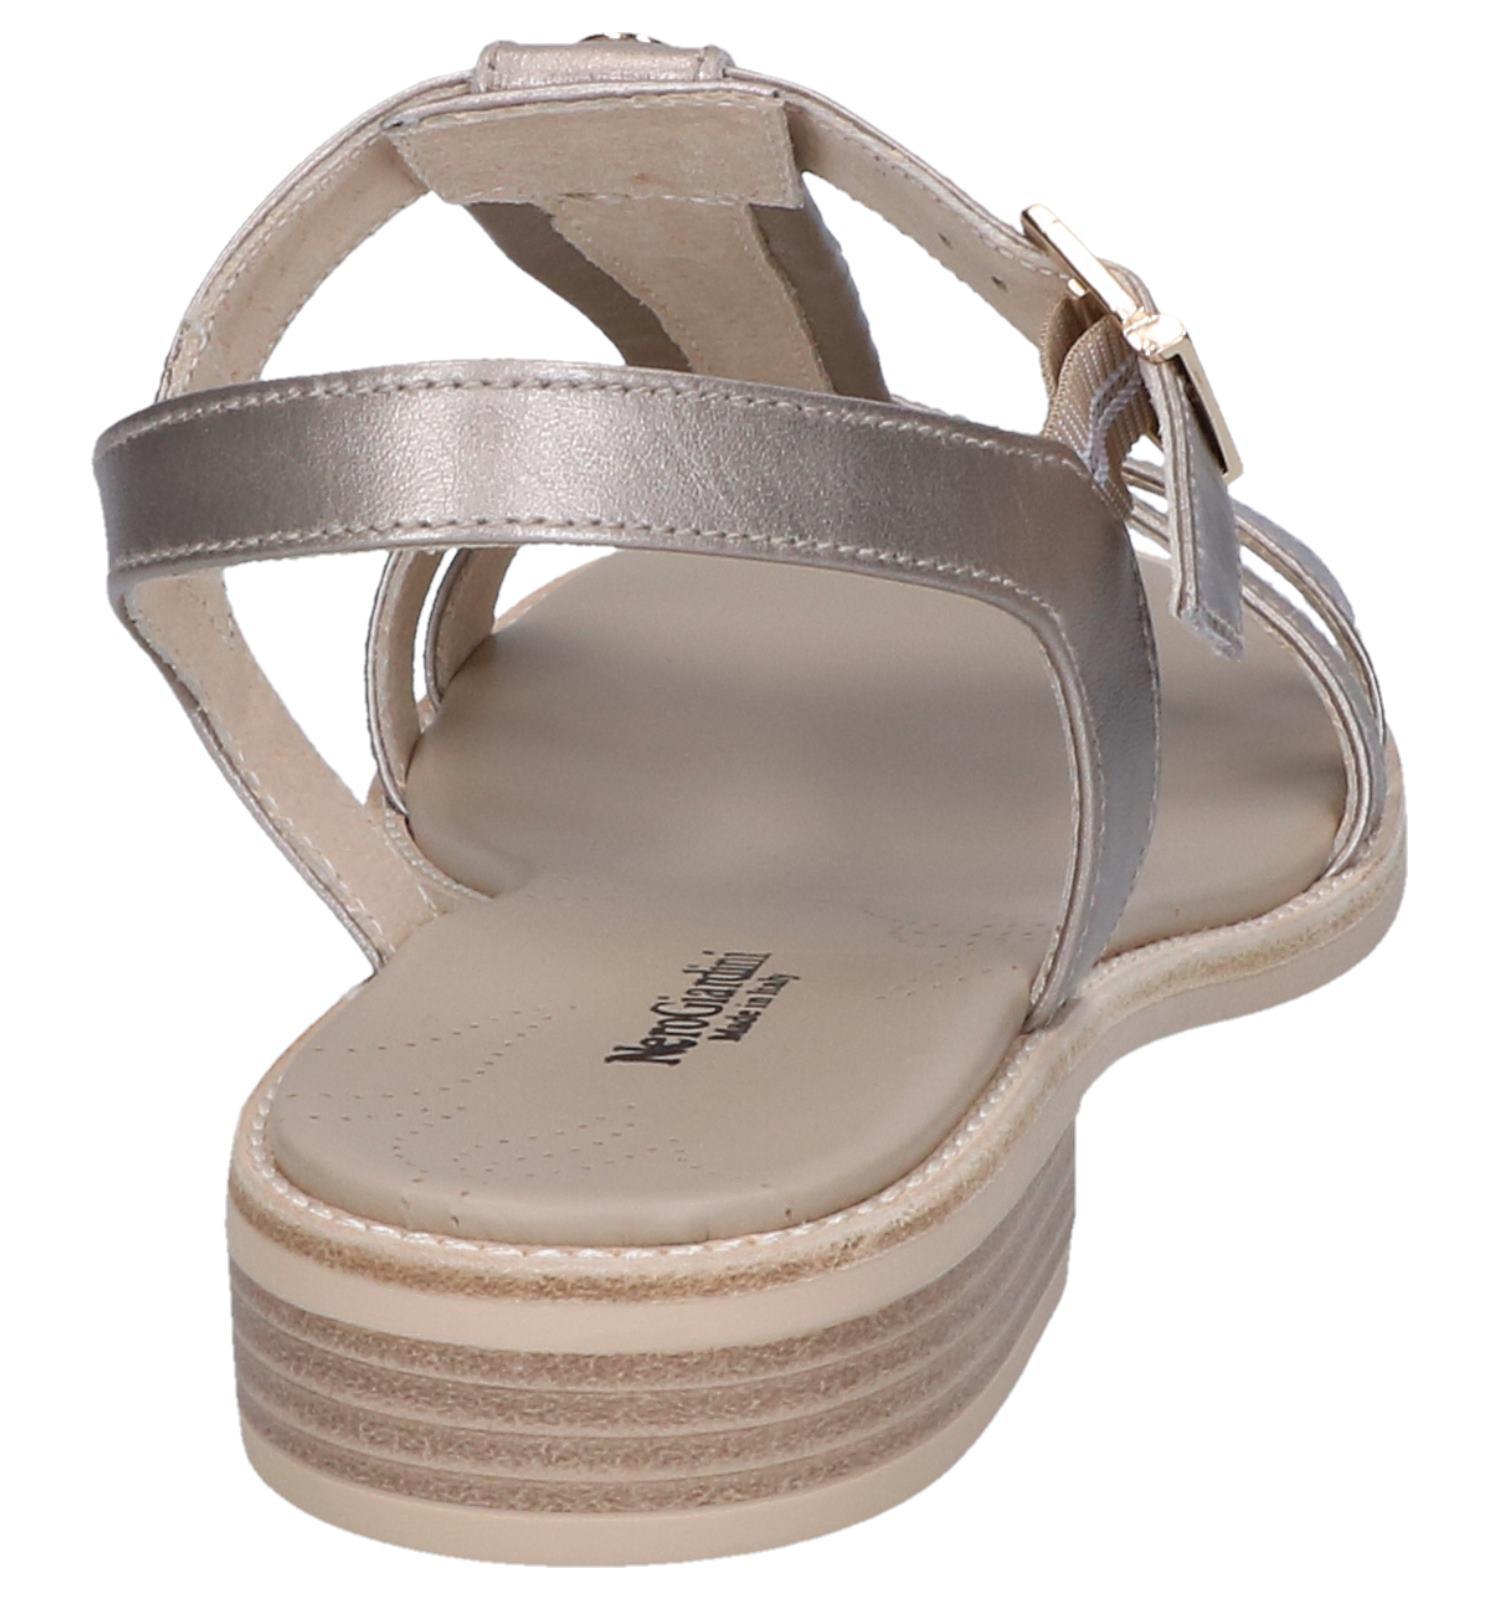 Nerogiardini Nerogiardini Gouden Sandalen Sandalen Gouden Sandalen Nerogiardini Gouden Gouden Sandalen w0OmNnv8